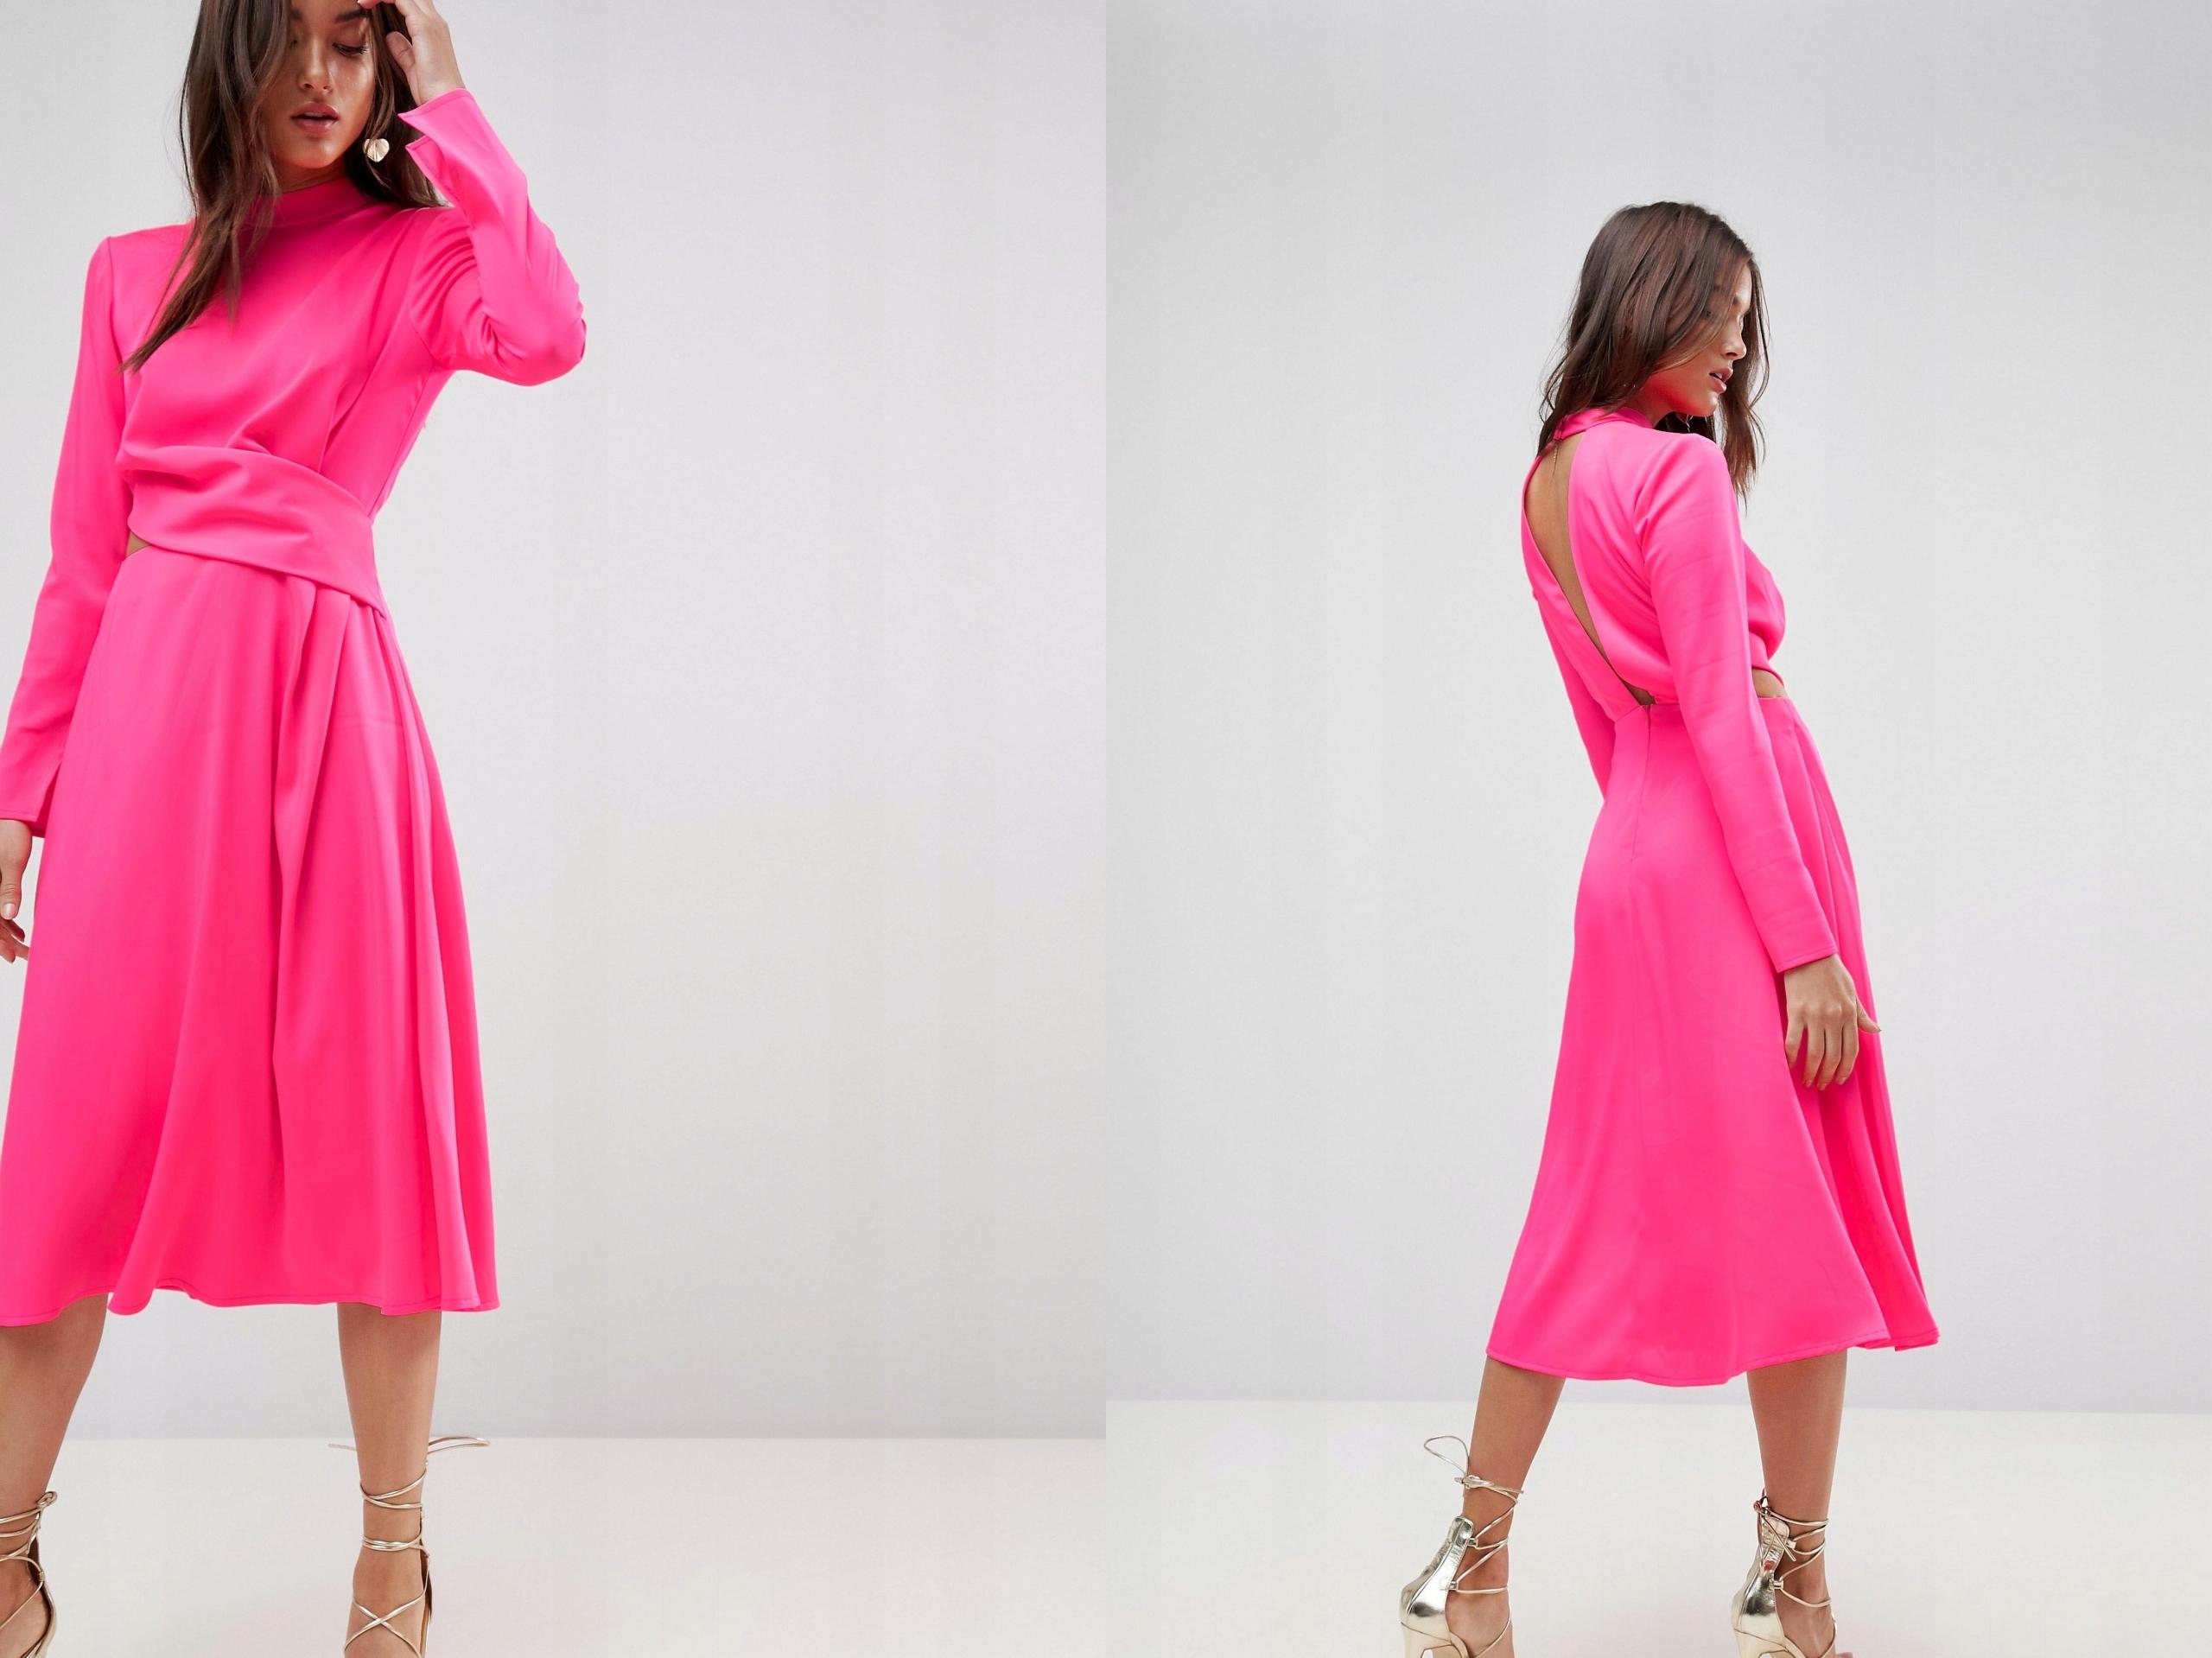 4a6341a2e6 Neonowa Różowa Midi Sukienka Długi Rękaw XS 34 - 7553033474 - oficjalne  archiwum allegro